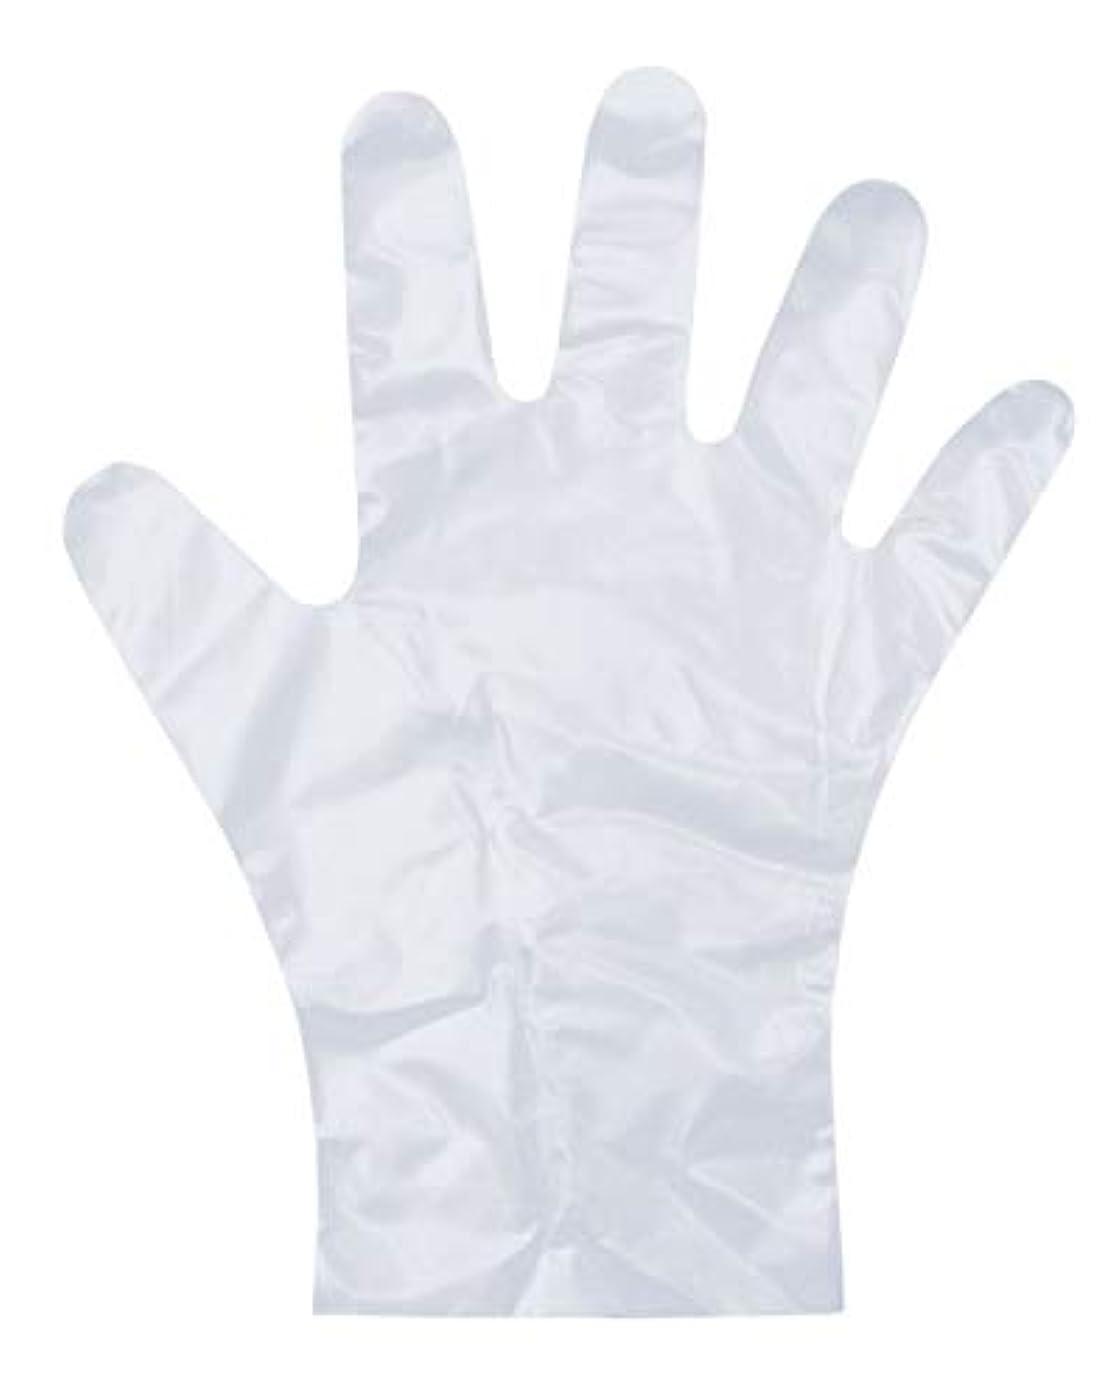 ホイットニーぼろいまダンロップ ホームプロダクツ ポリエチレン手袋 使い捨て エンボス 半透明 S 調理 掃除 洗濯 介護 毛染め PD-110 100枚入